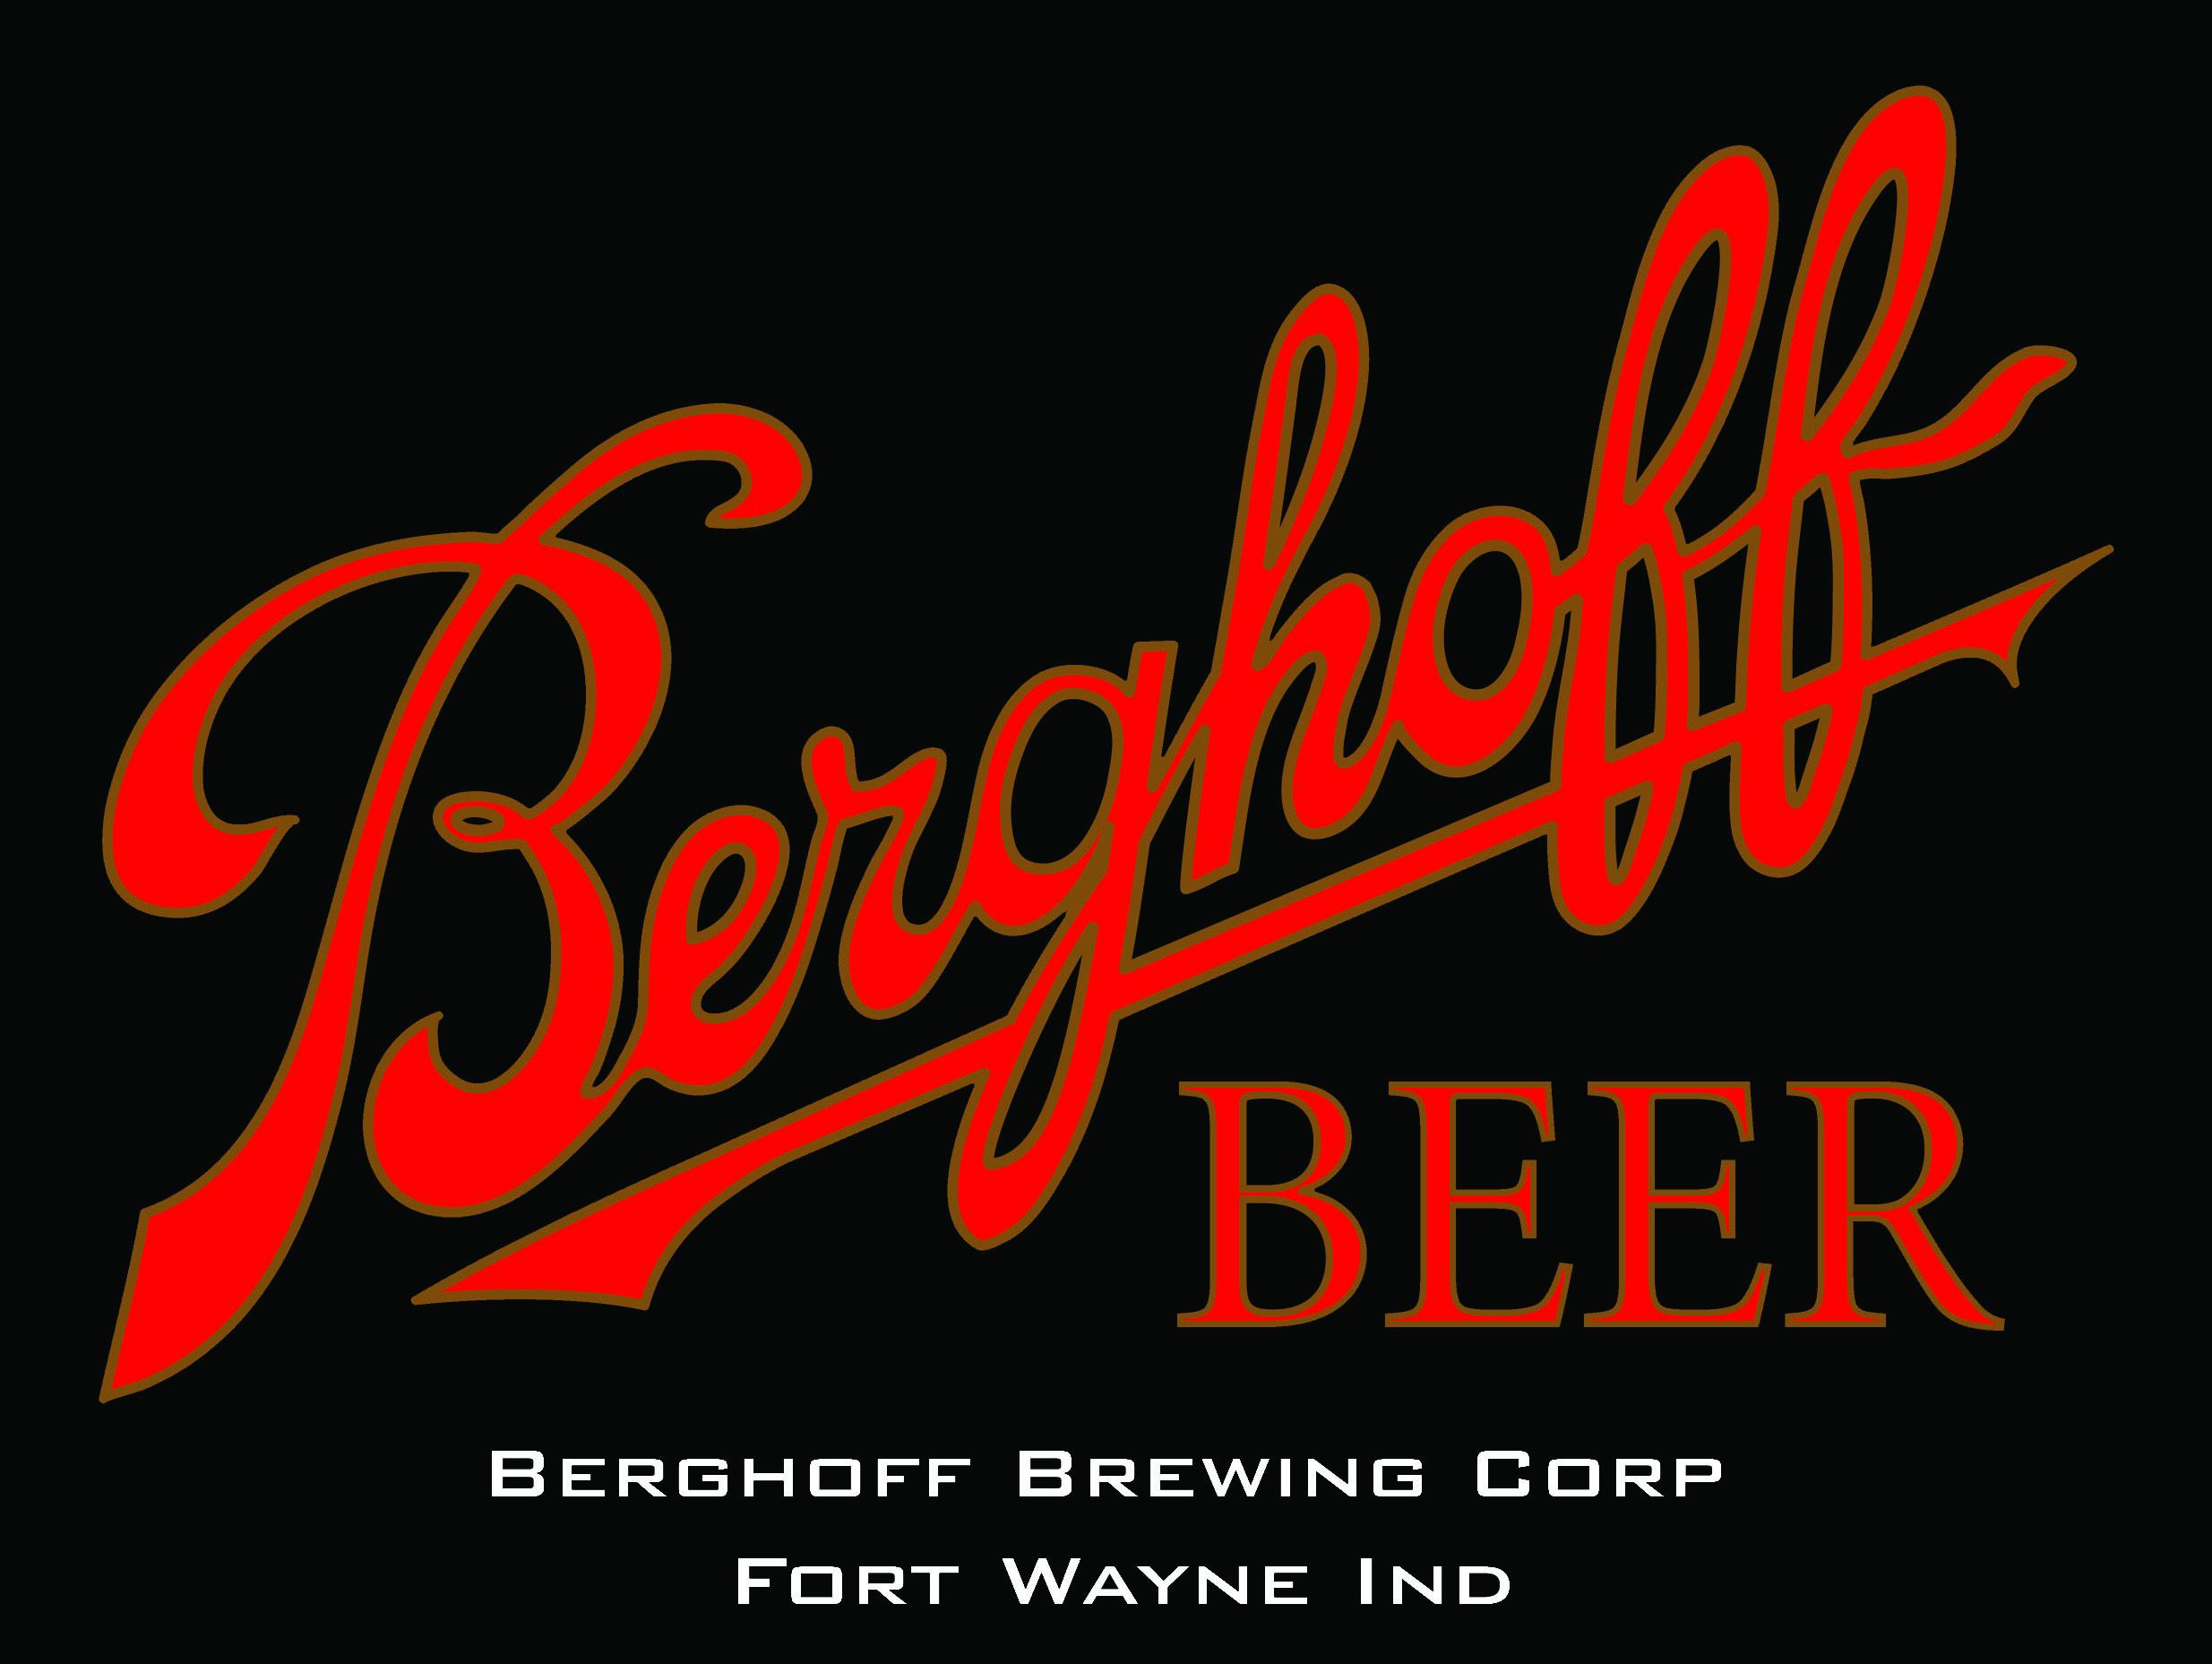 Berghoff logo copy.jpg